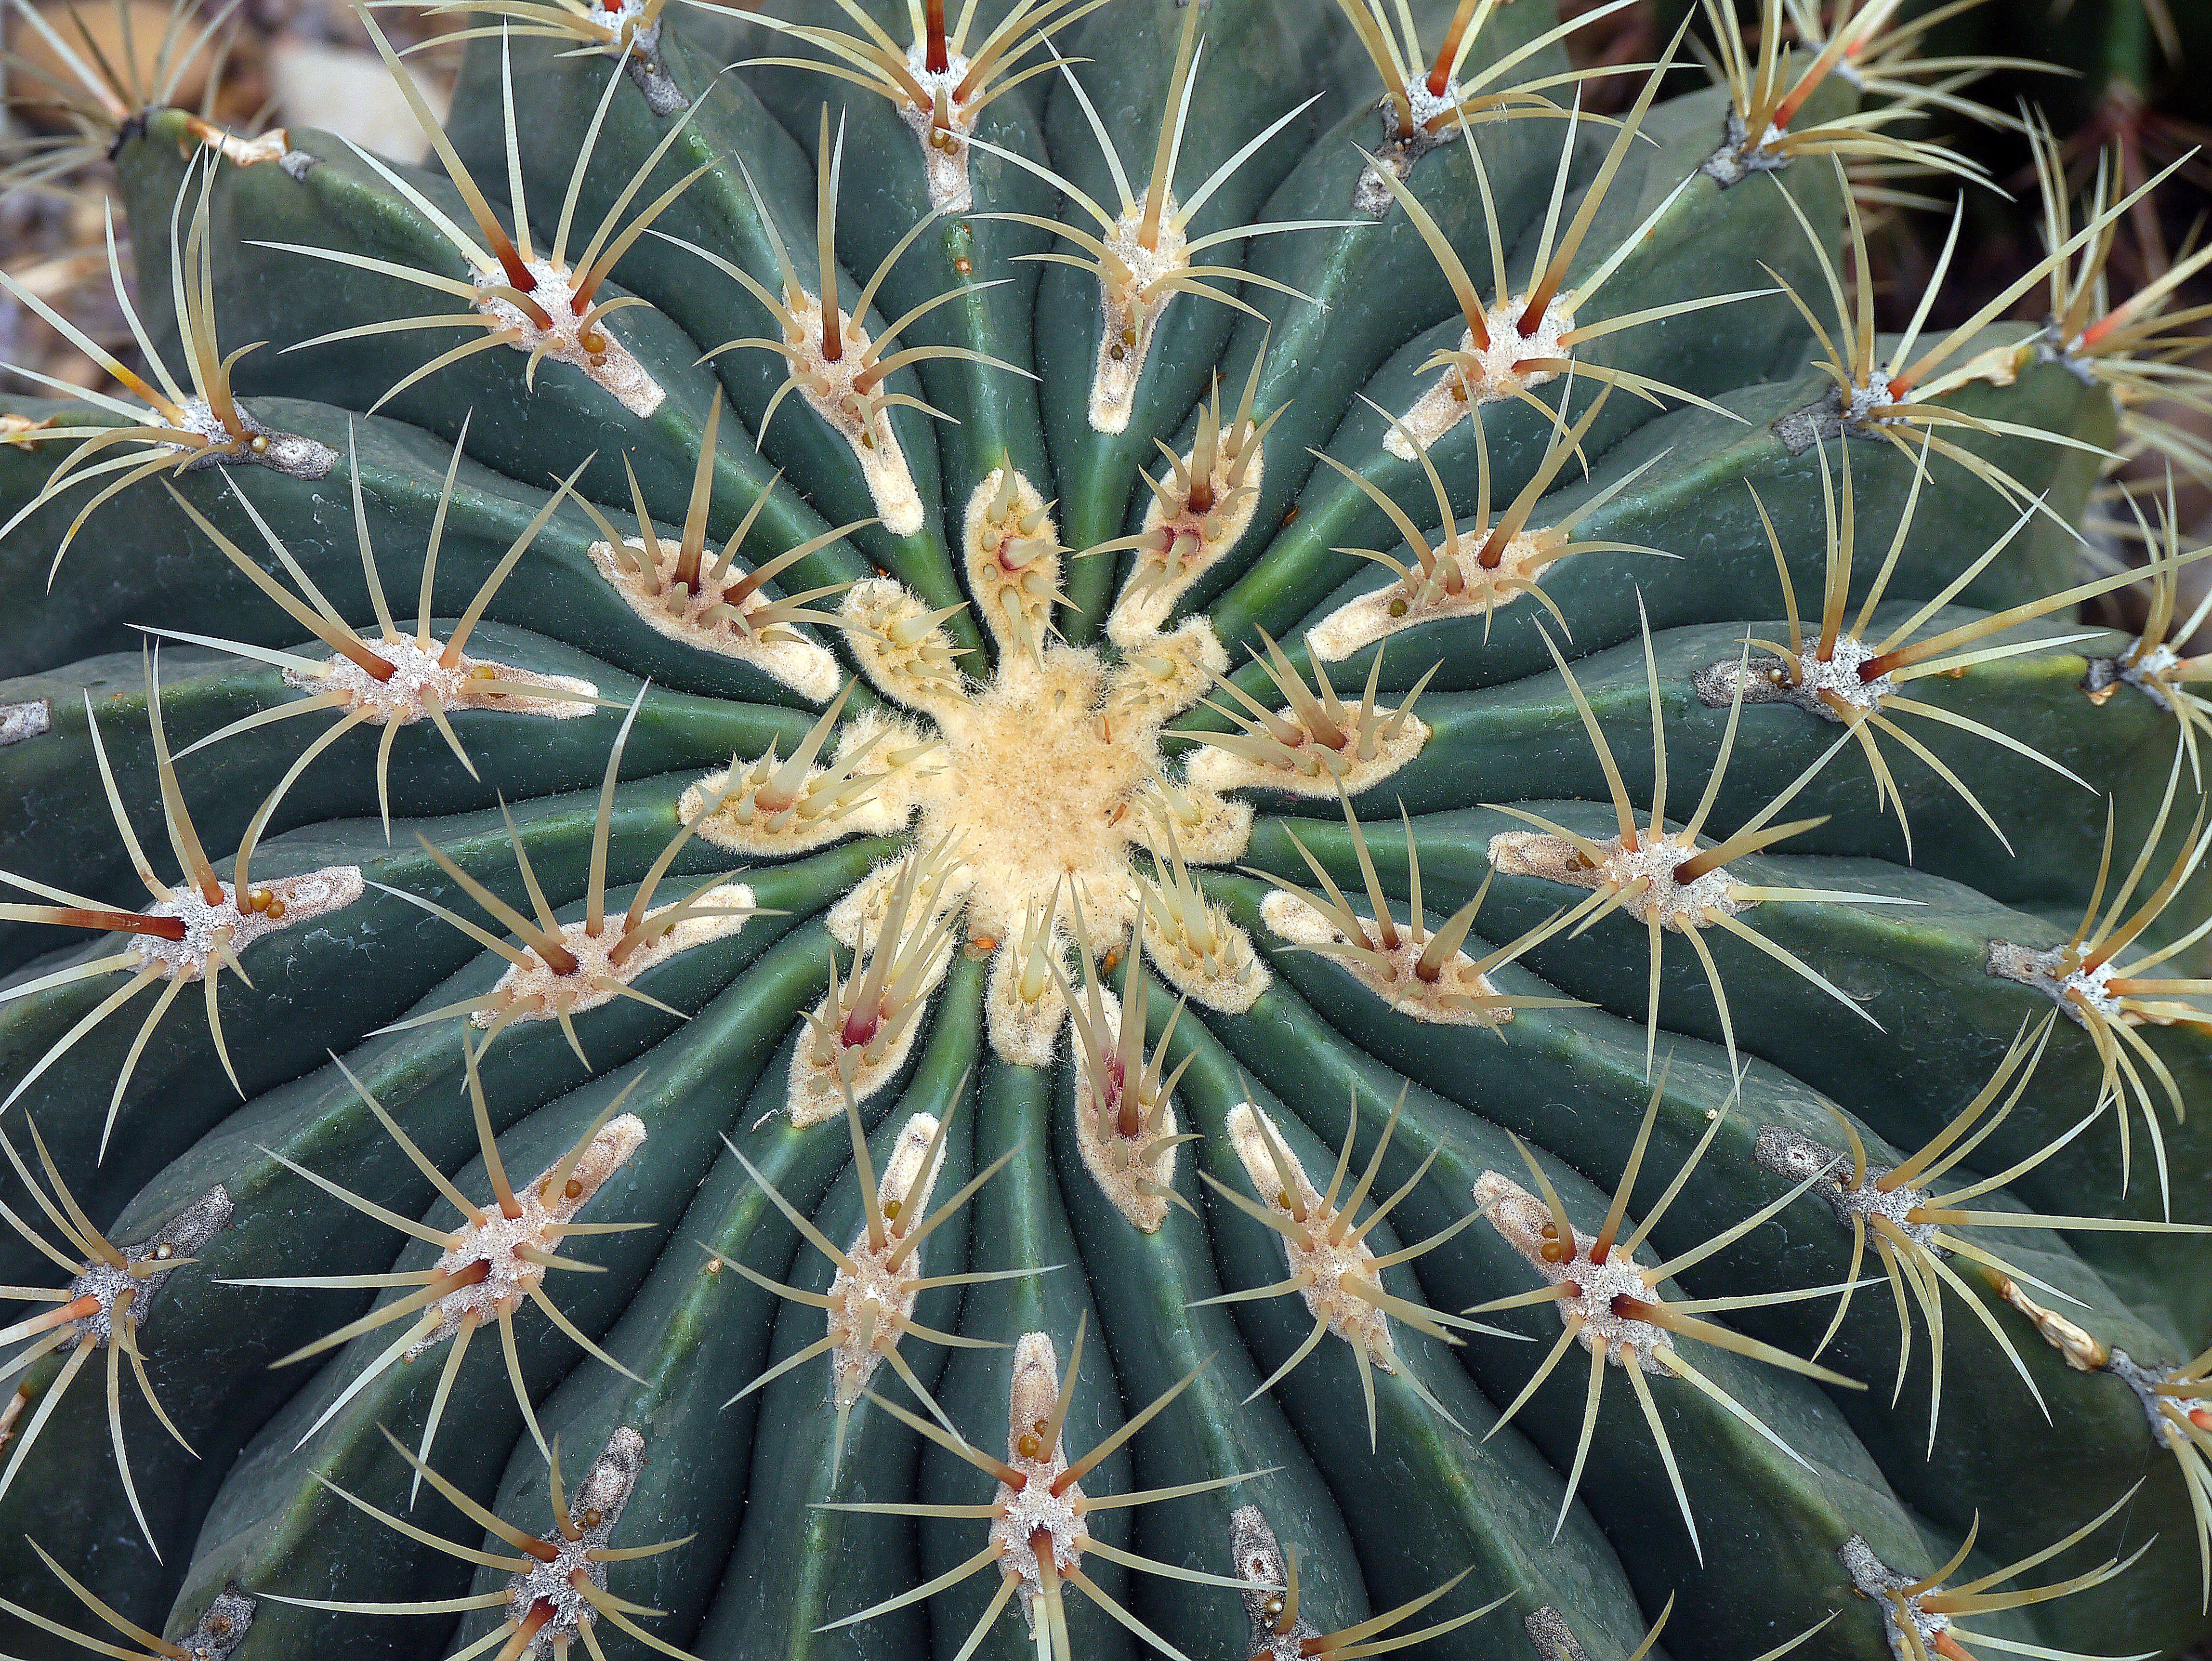 วันนี้กระบองเพชรที่เลี้ยง หอยทากบุกมาก แทะตายไปหลายต้น  เลยต้องเปลี่ยนดินจัดกระถางใหม่ สงสารพวกน้องๆ #กระบองเพชร #cactus  #succulents ...